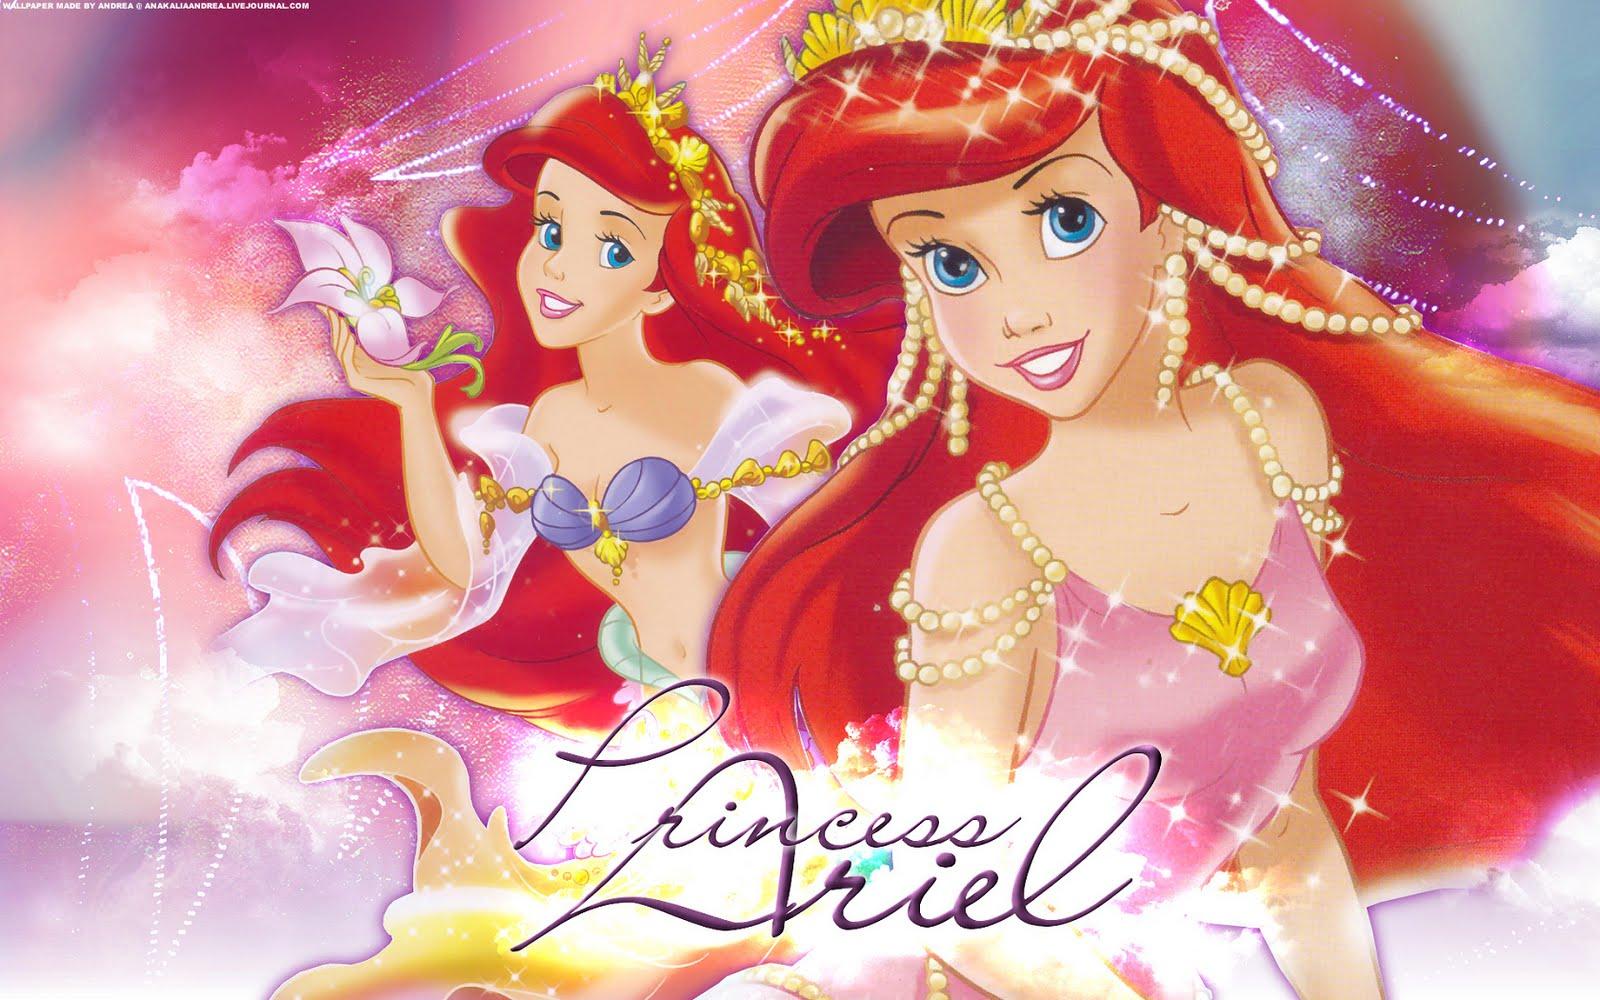 http://3.bp.blogspot.com/-AxmQ1a_aTXw/TeGsFdoGoEI/AAAAAAAABhQ/4mrDIQfG2v0/s1600/Wallpaper_disney_Ariel_1680x1050.jpg